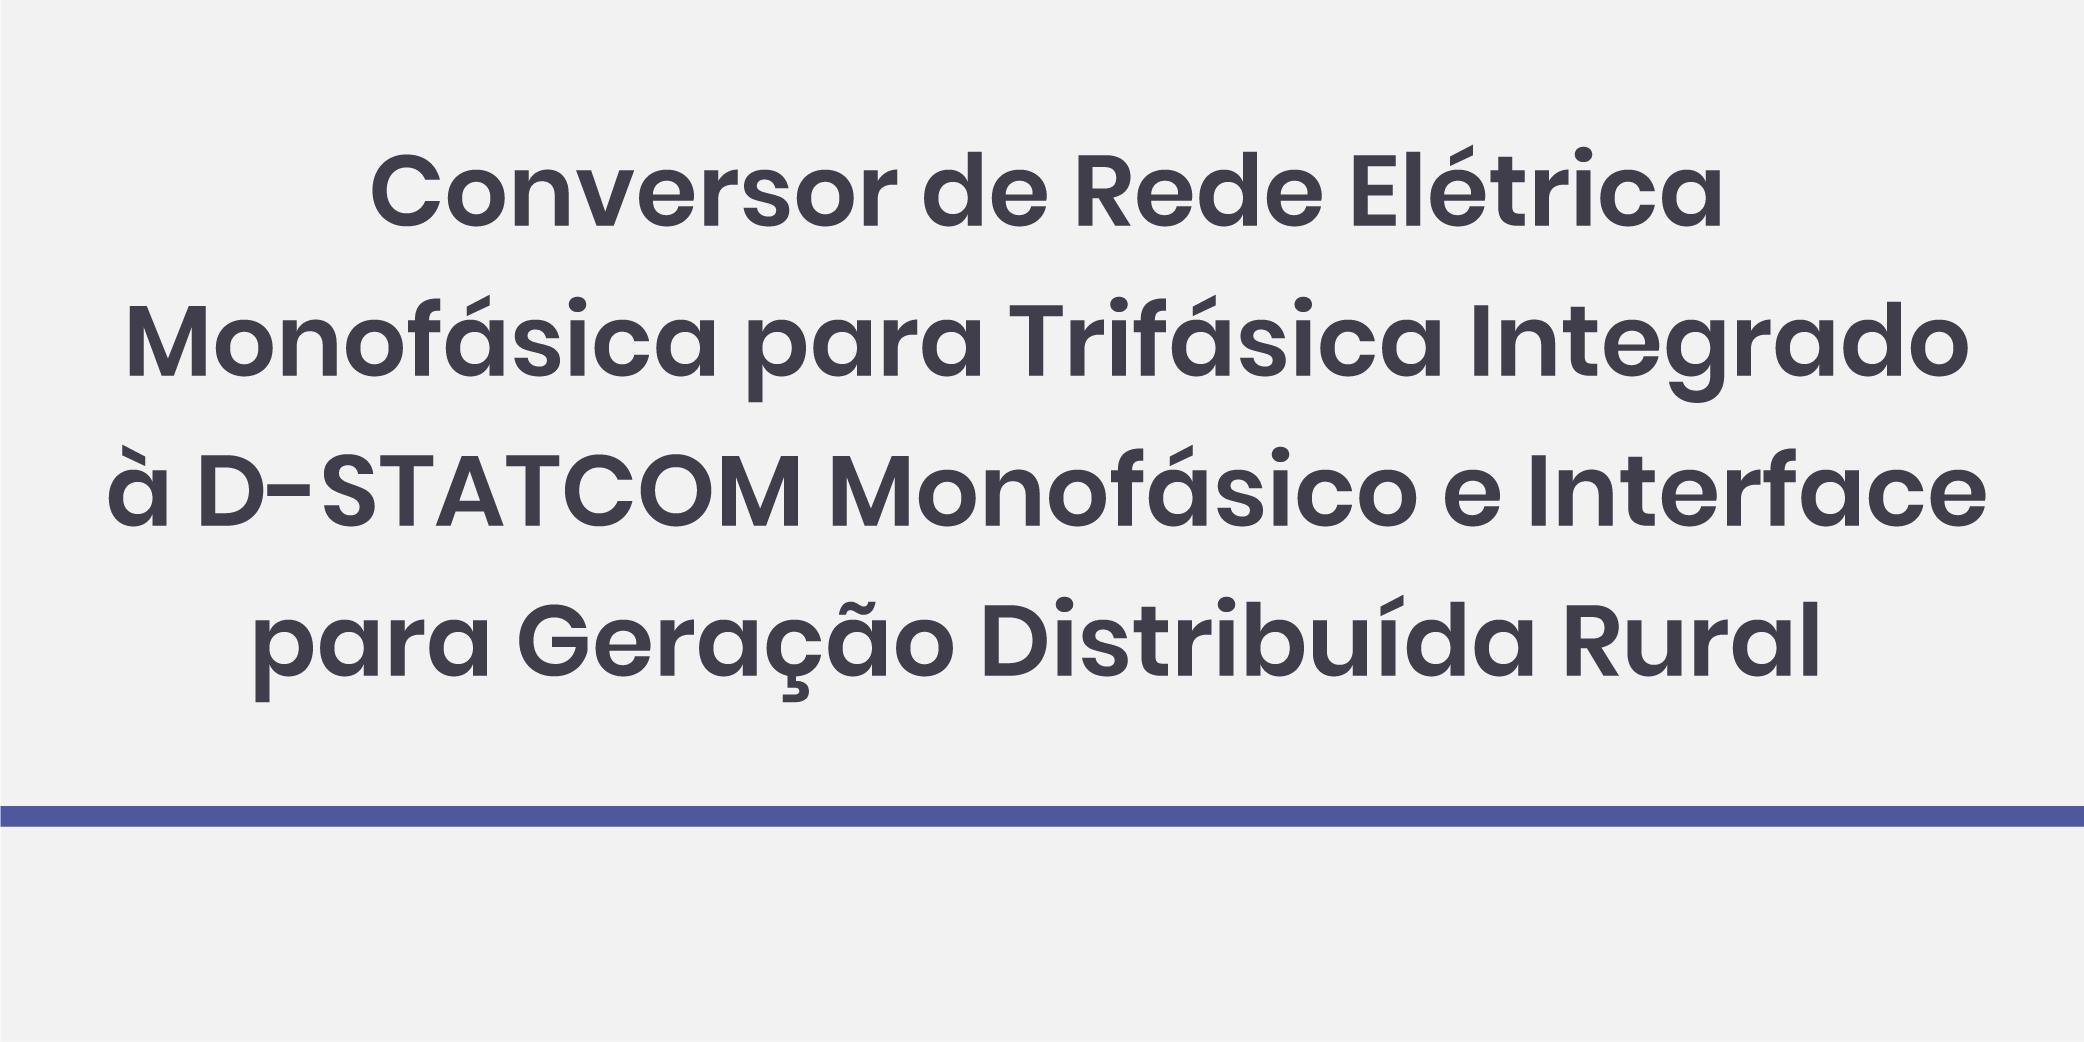 Conversor de Rede Elétrica Monofásica para Trifásica Integrado à D-STATCOM Monofásico e Interface para Geração Distribuída Rural